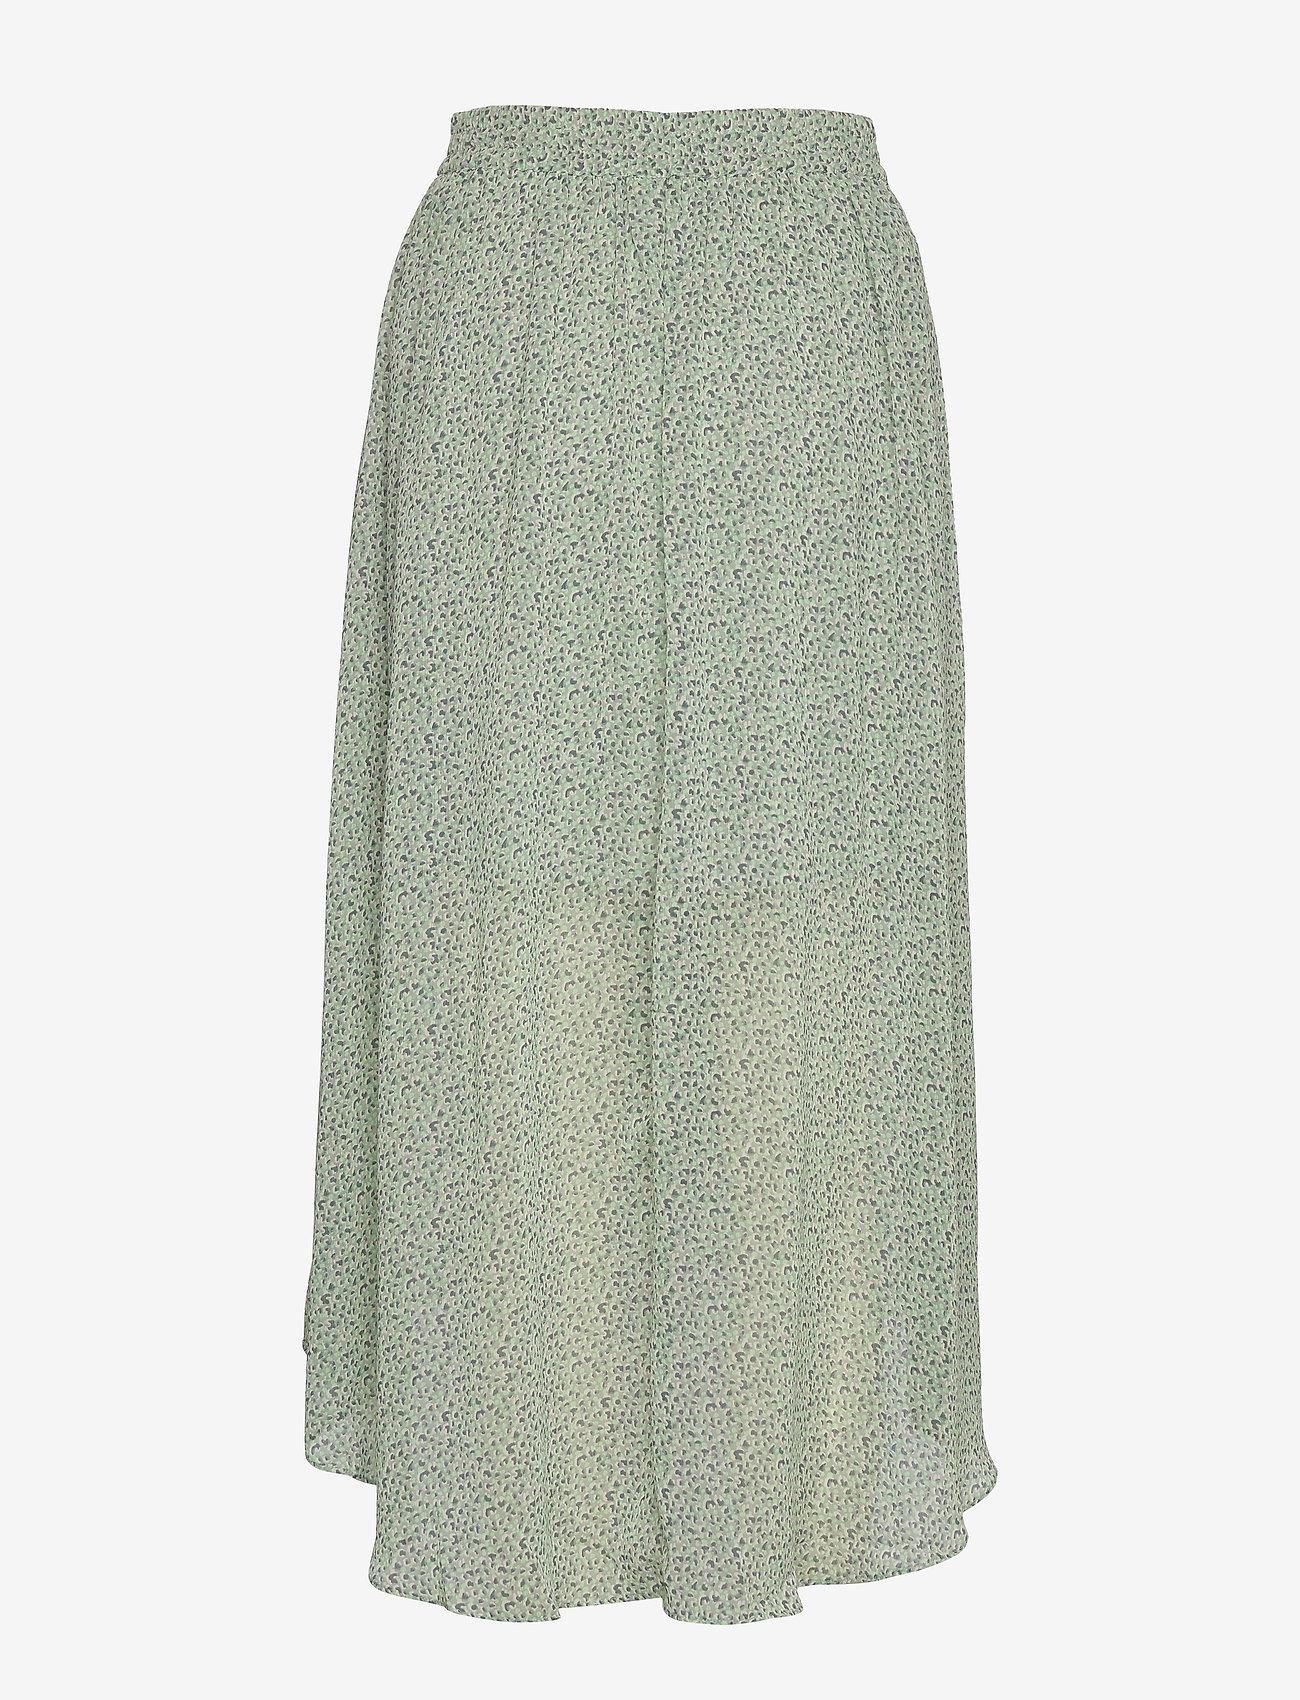 Mbym Caitlin - Skirts